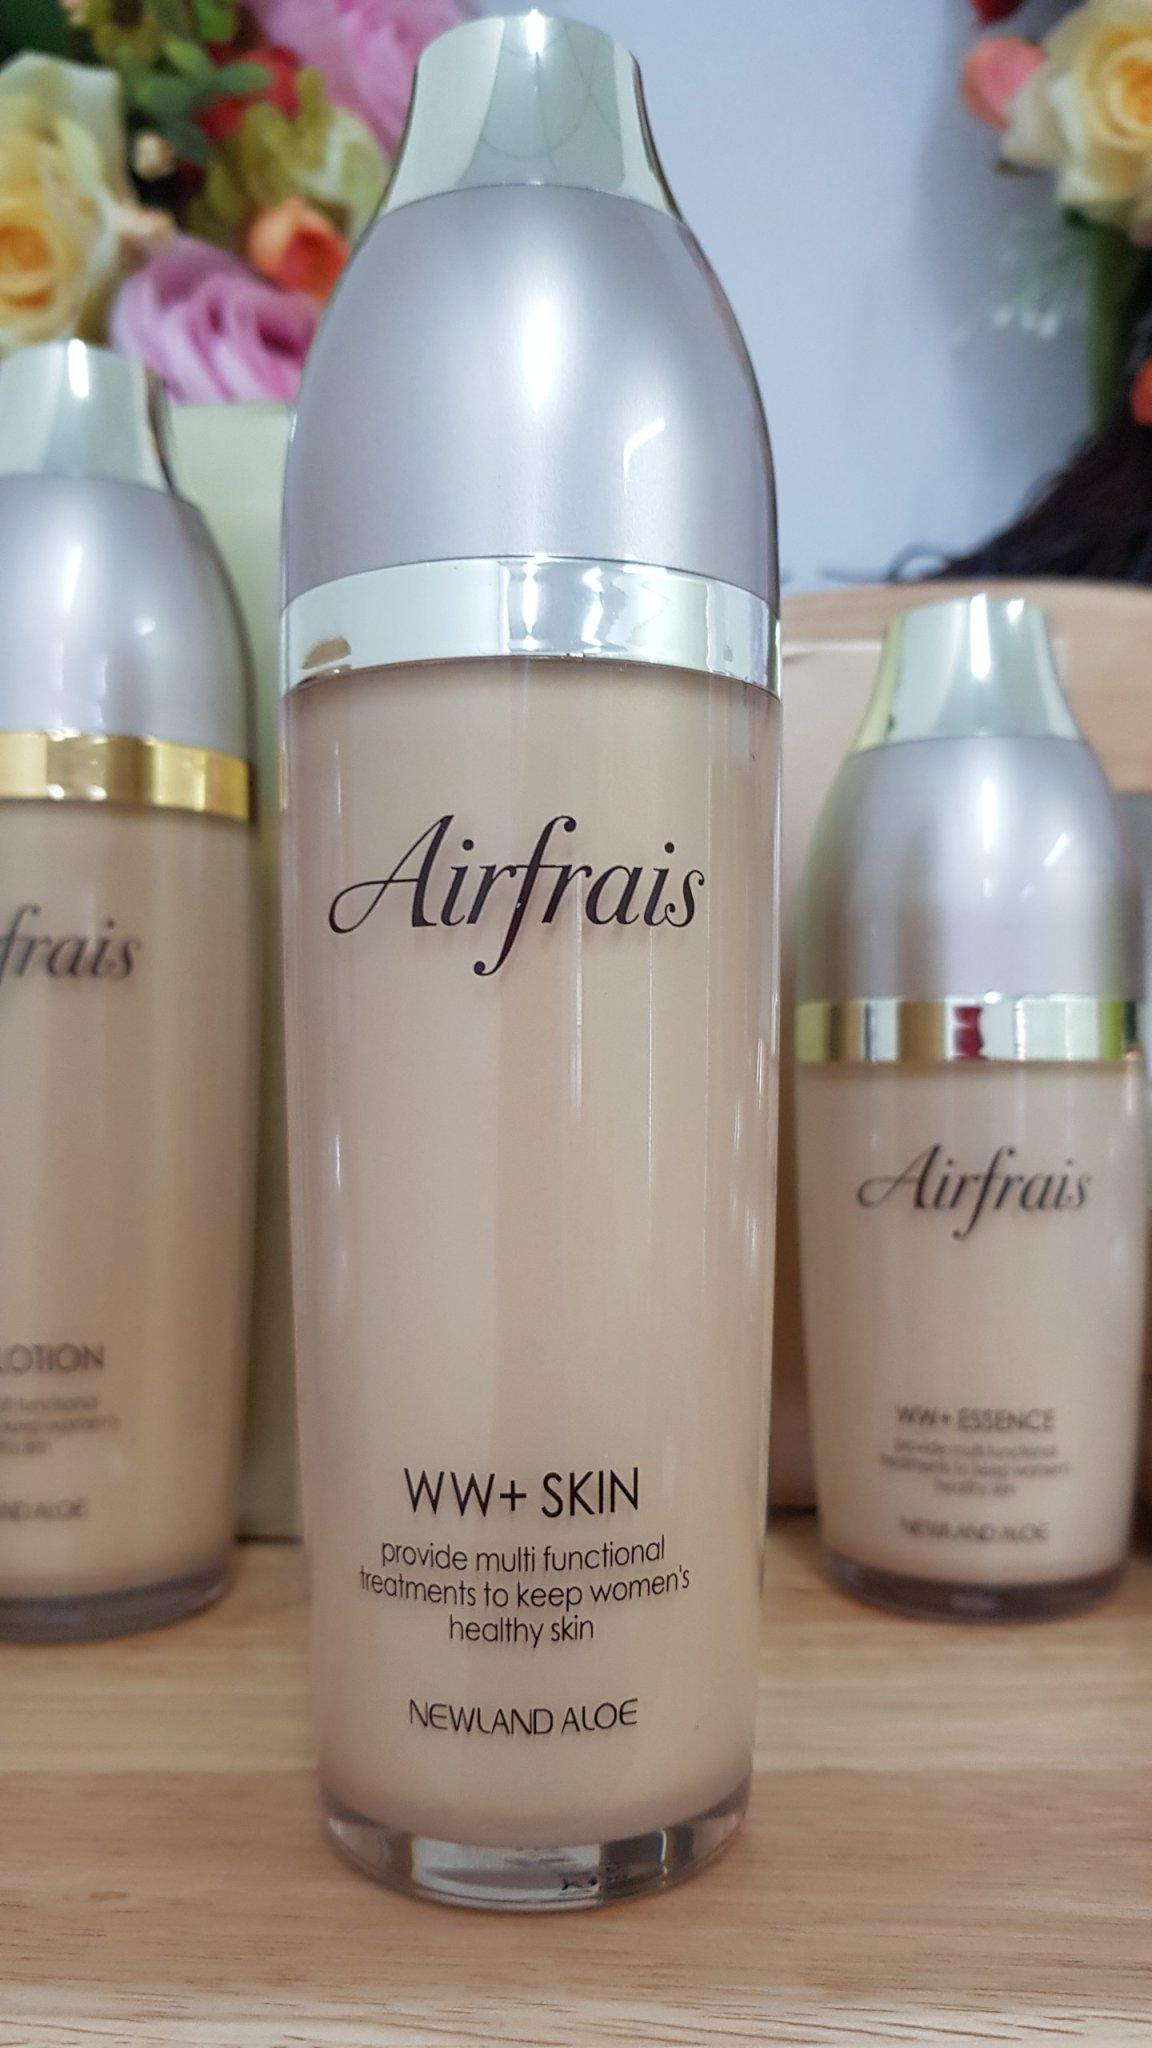 Airfrais Skin làm trắng ngăn ngừa lão hóa